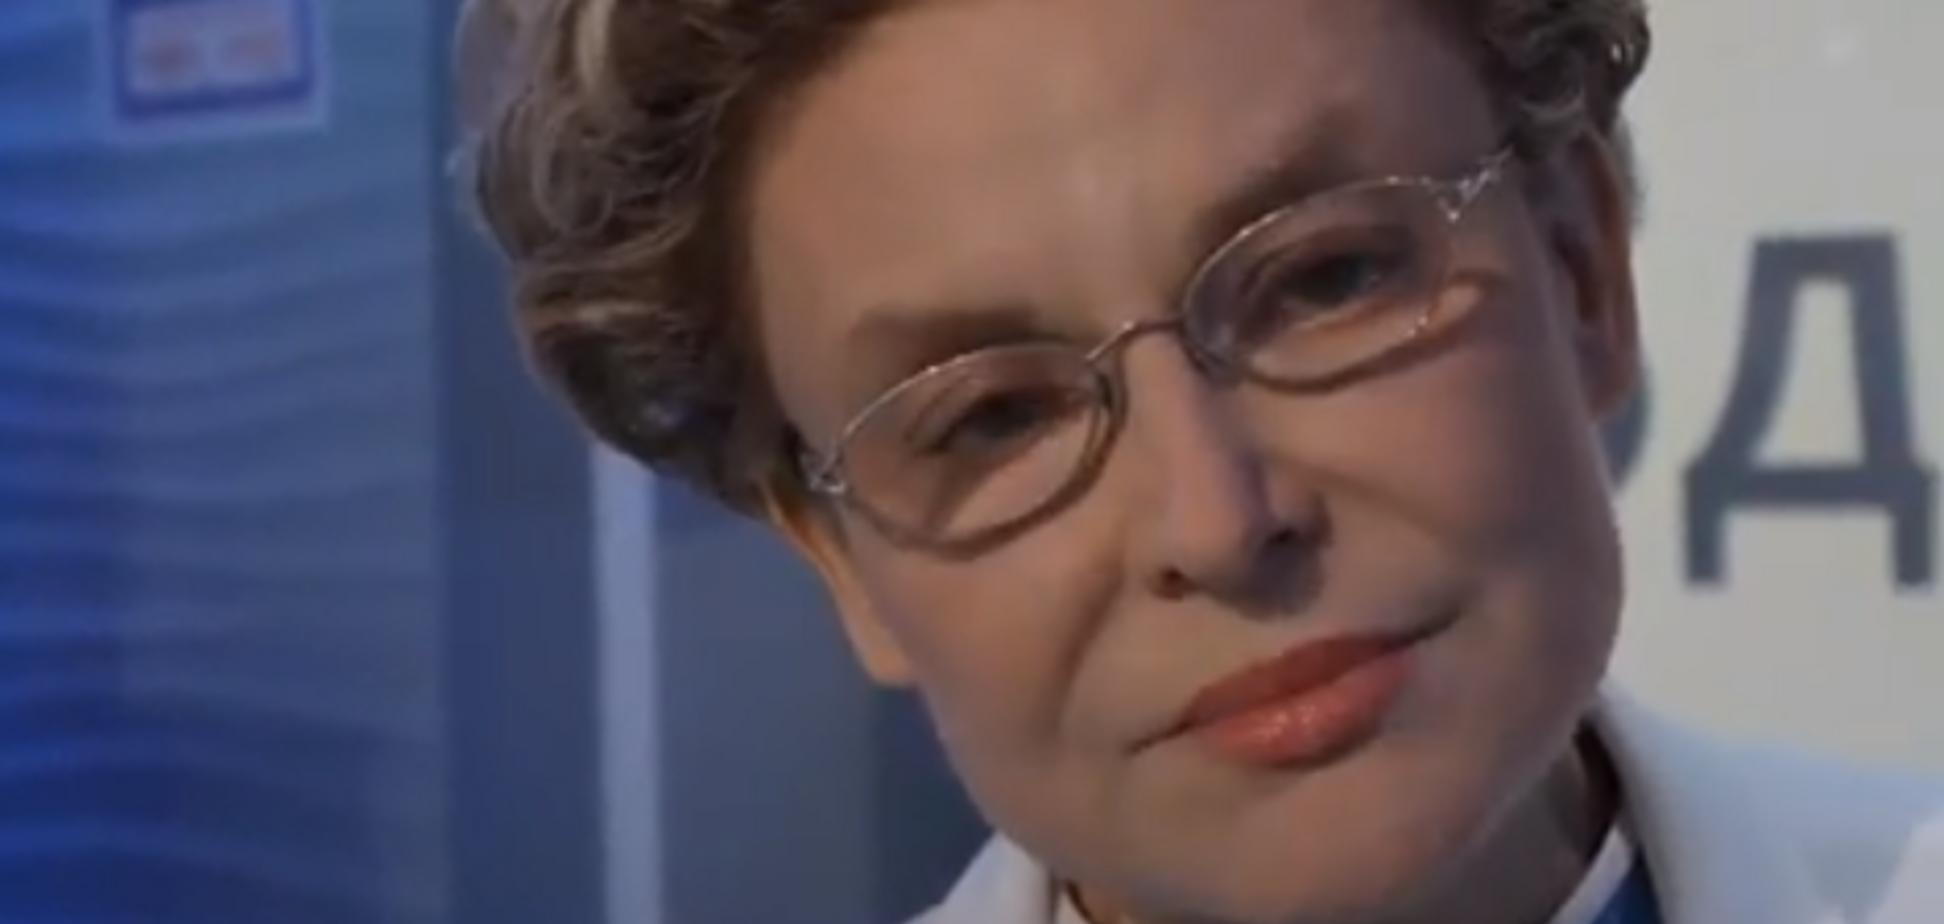 'Как это подло!' В России затравили скандальную телеведущую за неэтичное видео